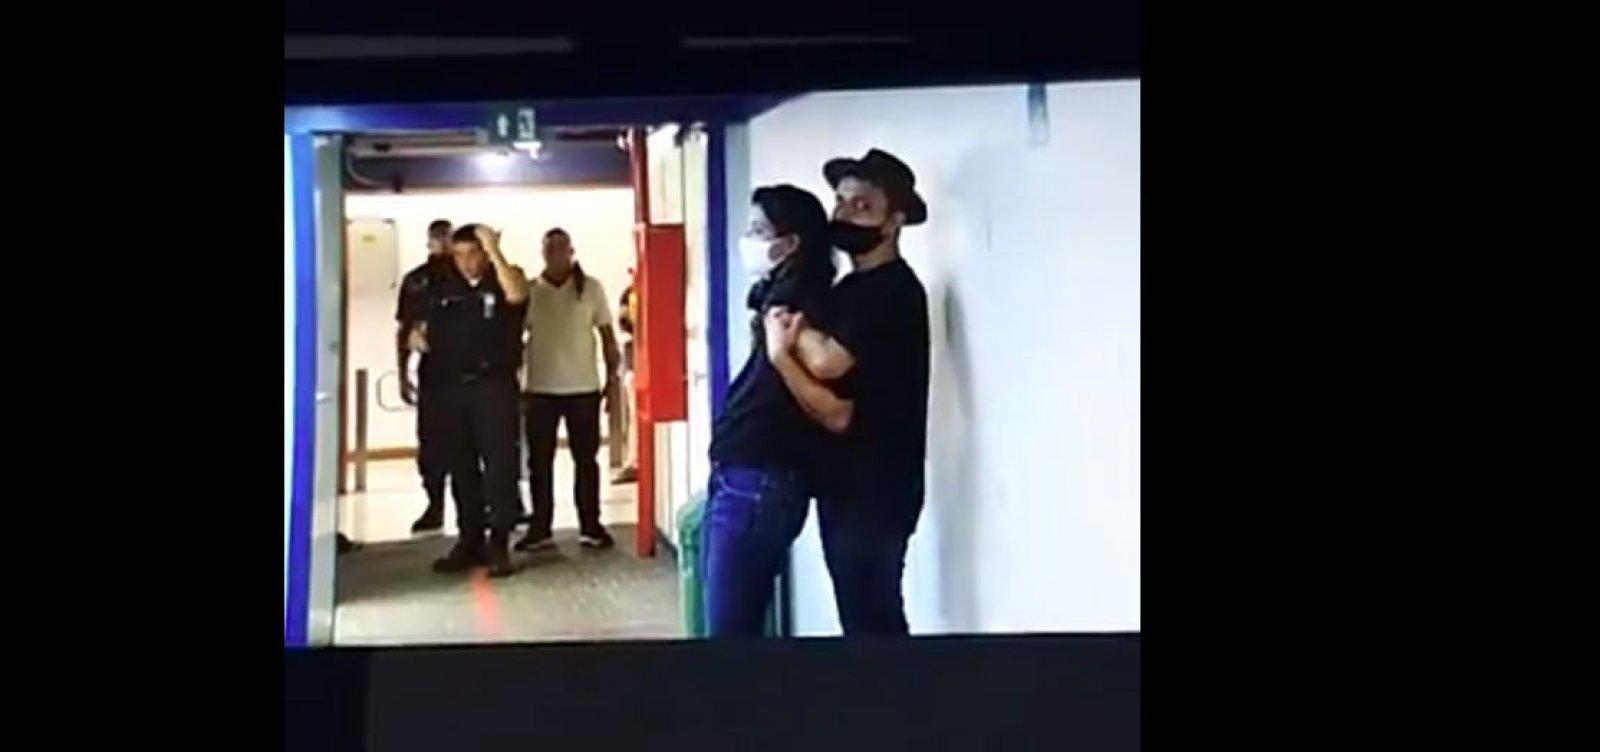 [Homem invade TV Globo e faz repórter refém; veja vídeo]